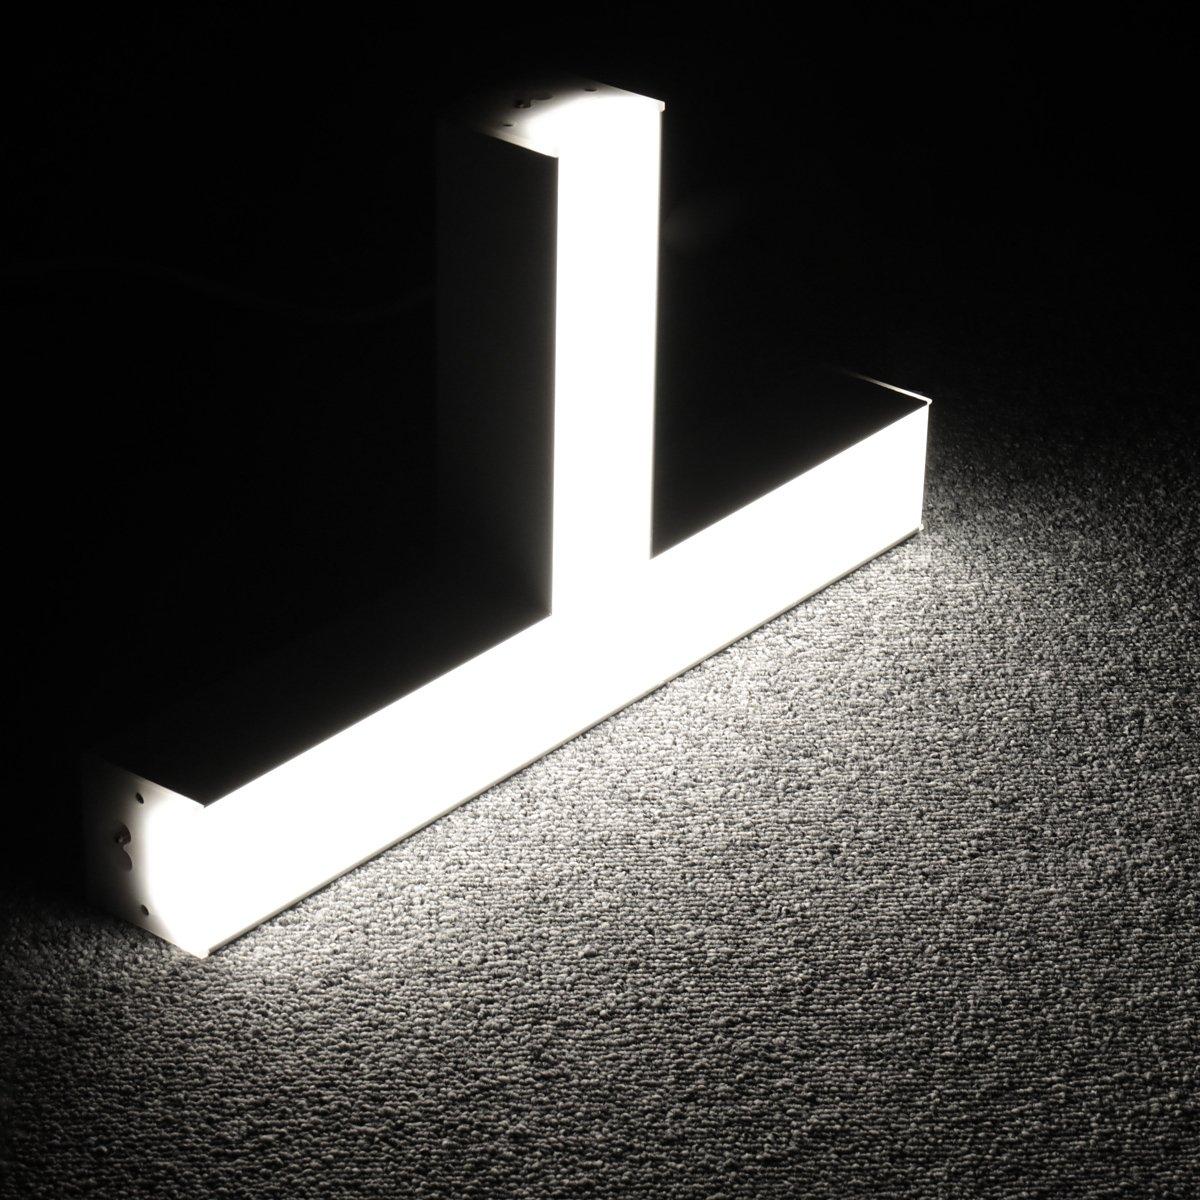 Lagute LEDGo DIYリニアモジュールLEDライトと電源コード、オフィス、ガレージ、ワークショップ、壁掛け式デイライト5000K-クールホワイト[T] 15W用の1.8m自由に組み立て可能なDIY照明器具